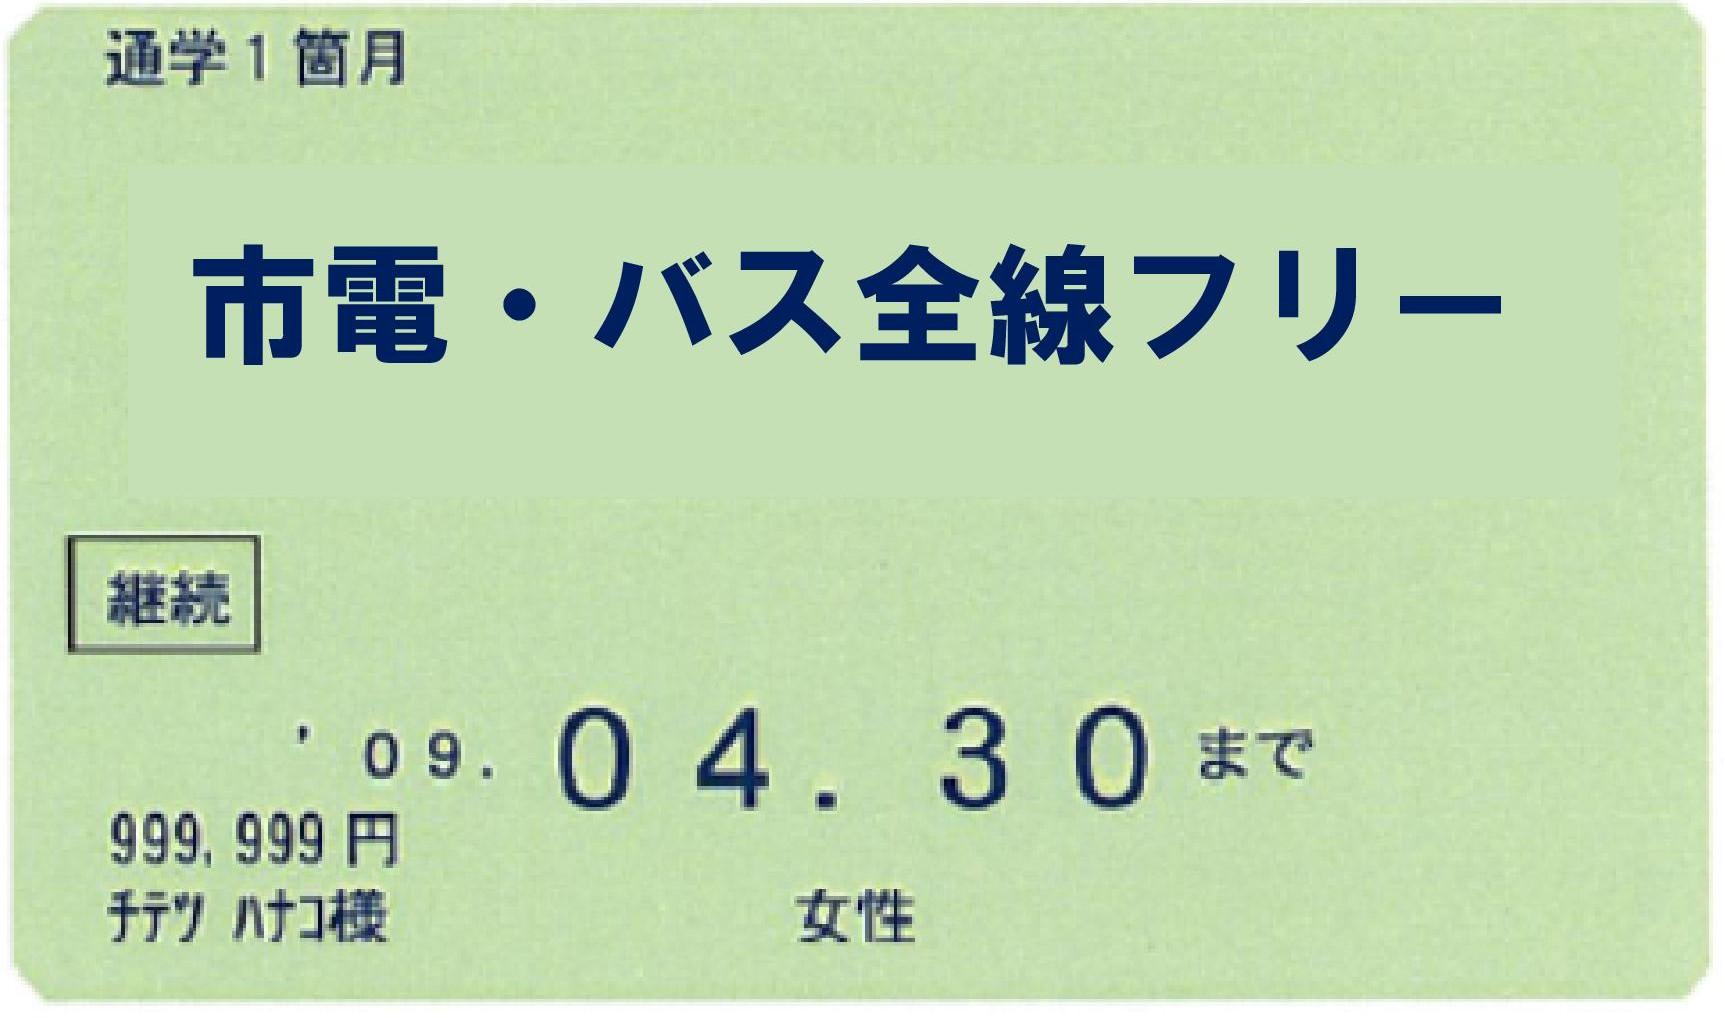 定期 券 値段 バス